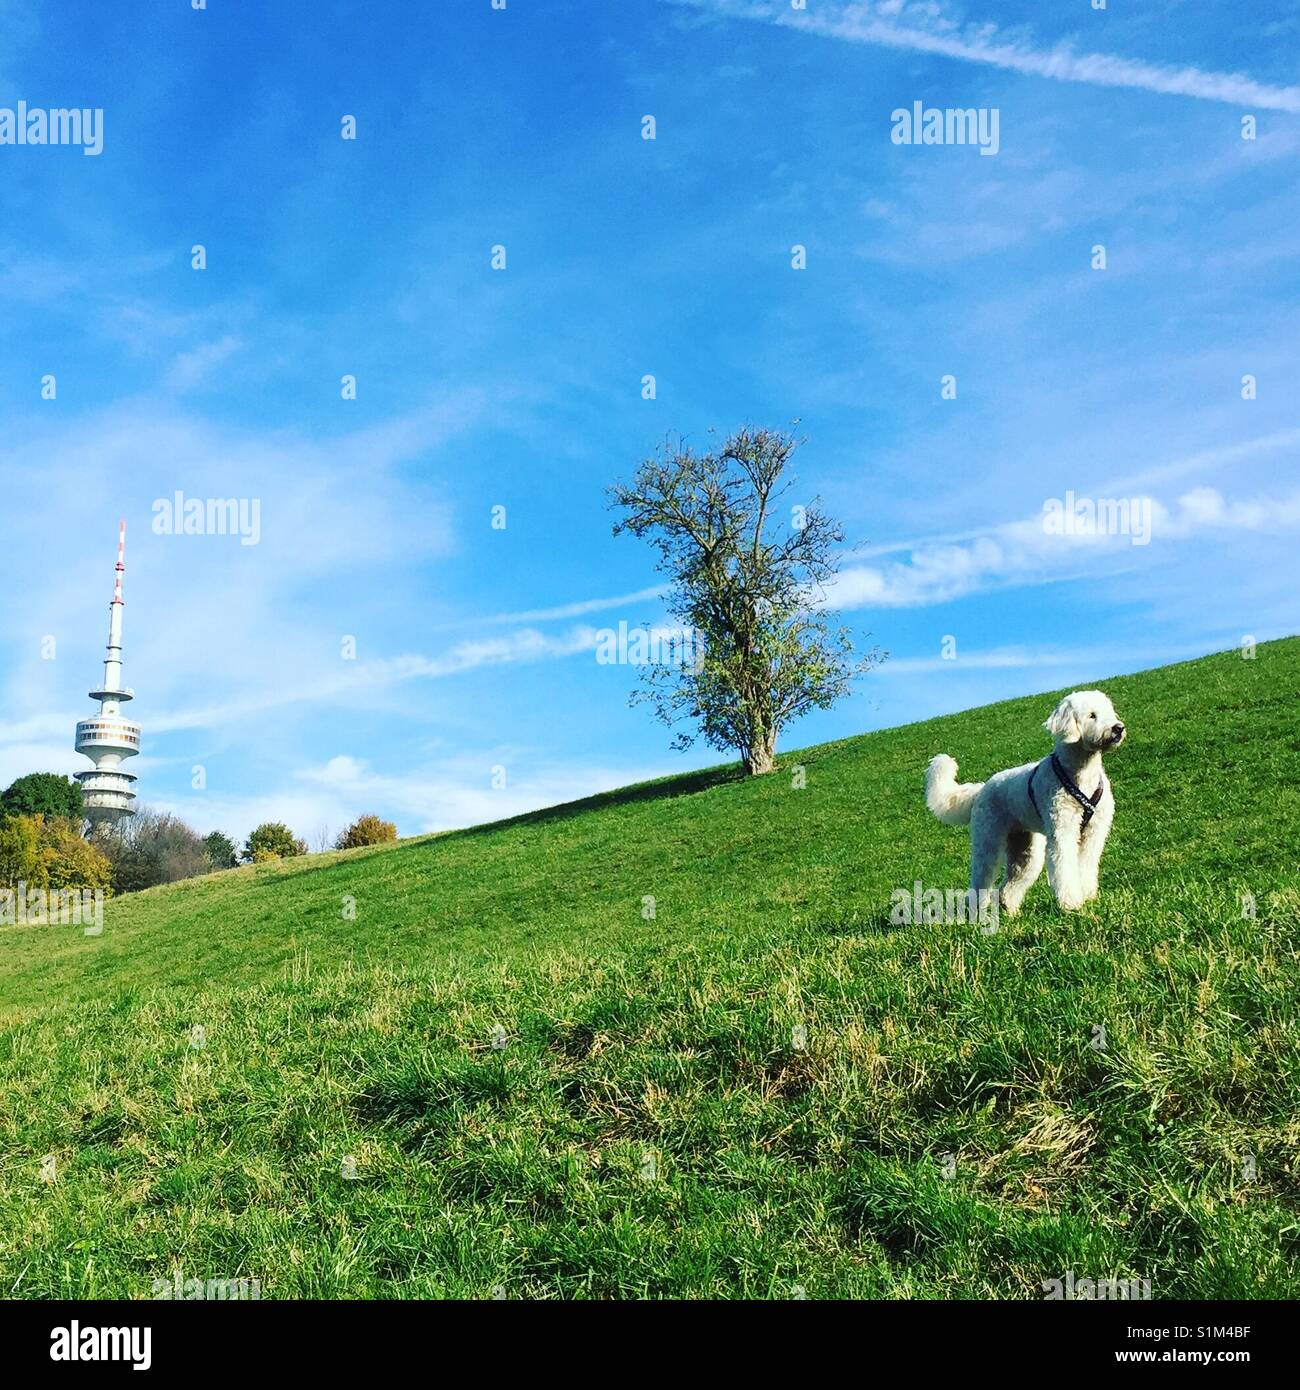 goldendoodle, weisser Hund steht majestätisch, stolz, aufmerksam, Olympiaberg, grünes Gras und vor blauem - Stock Image